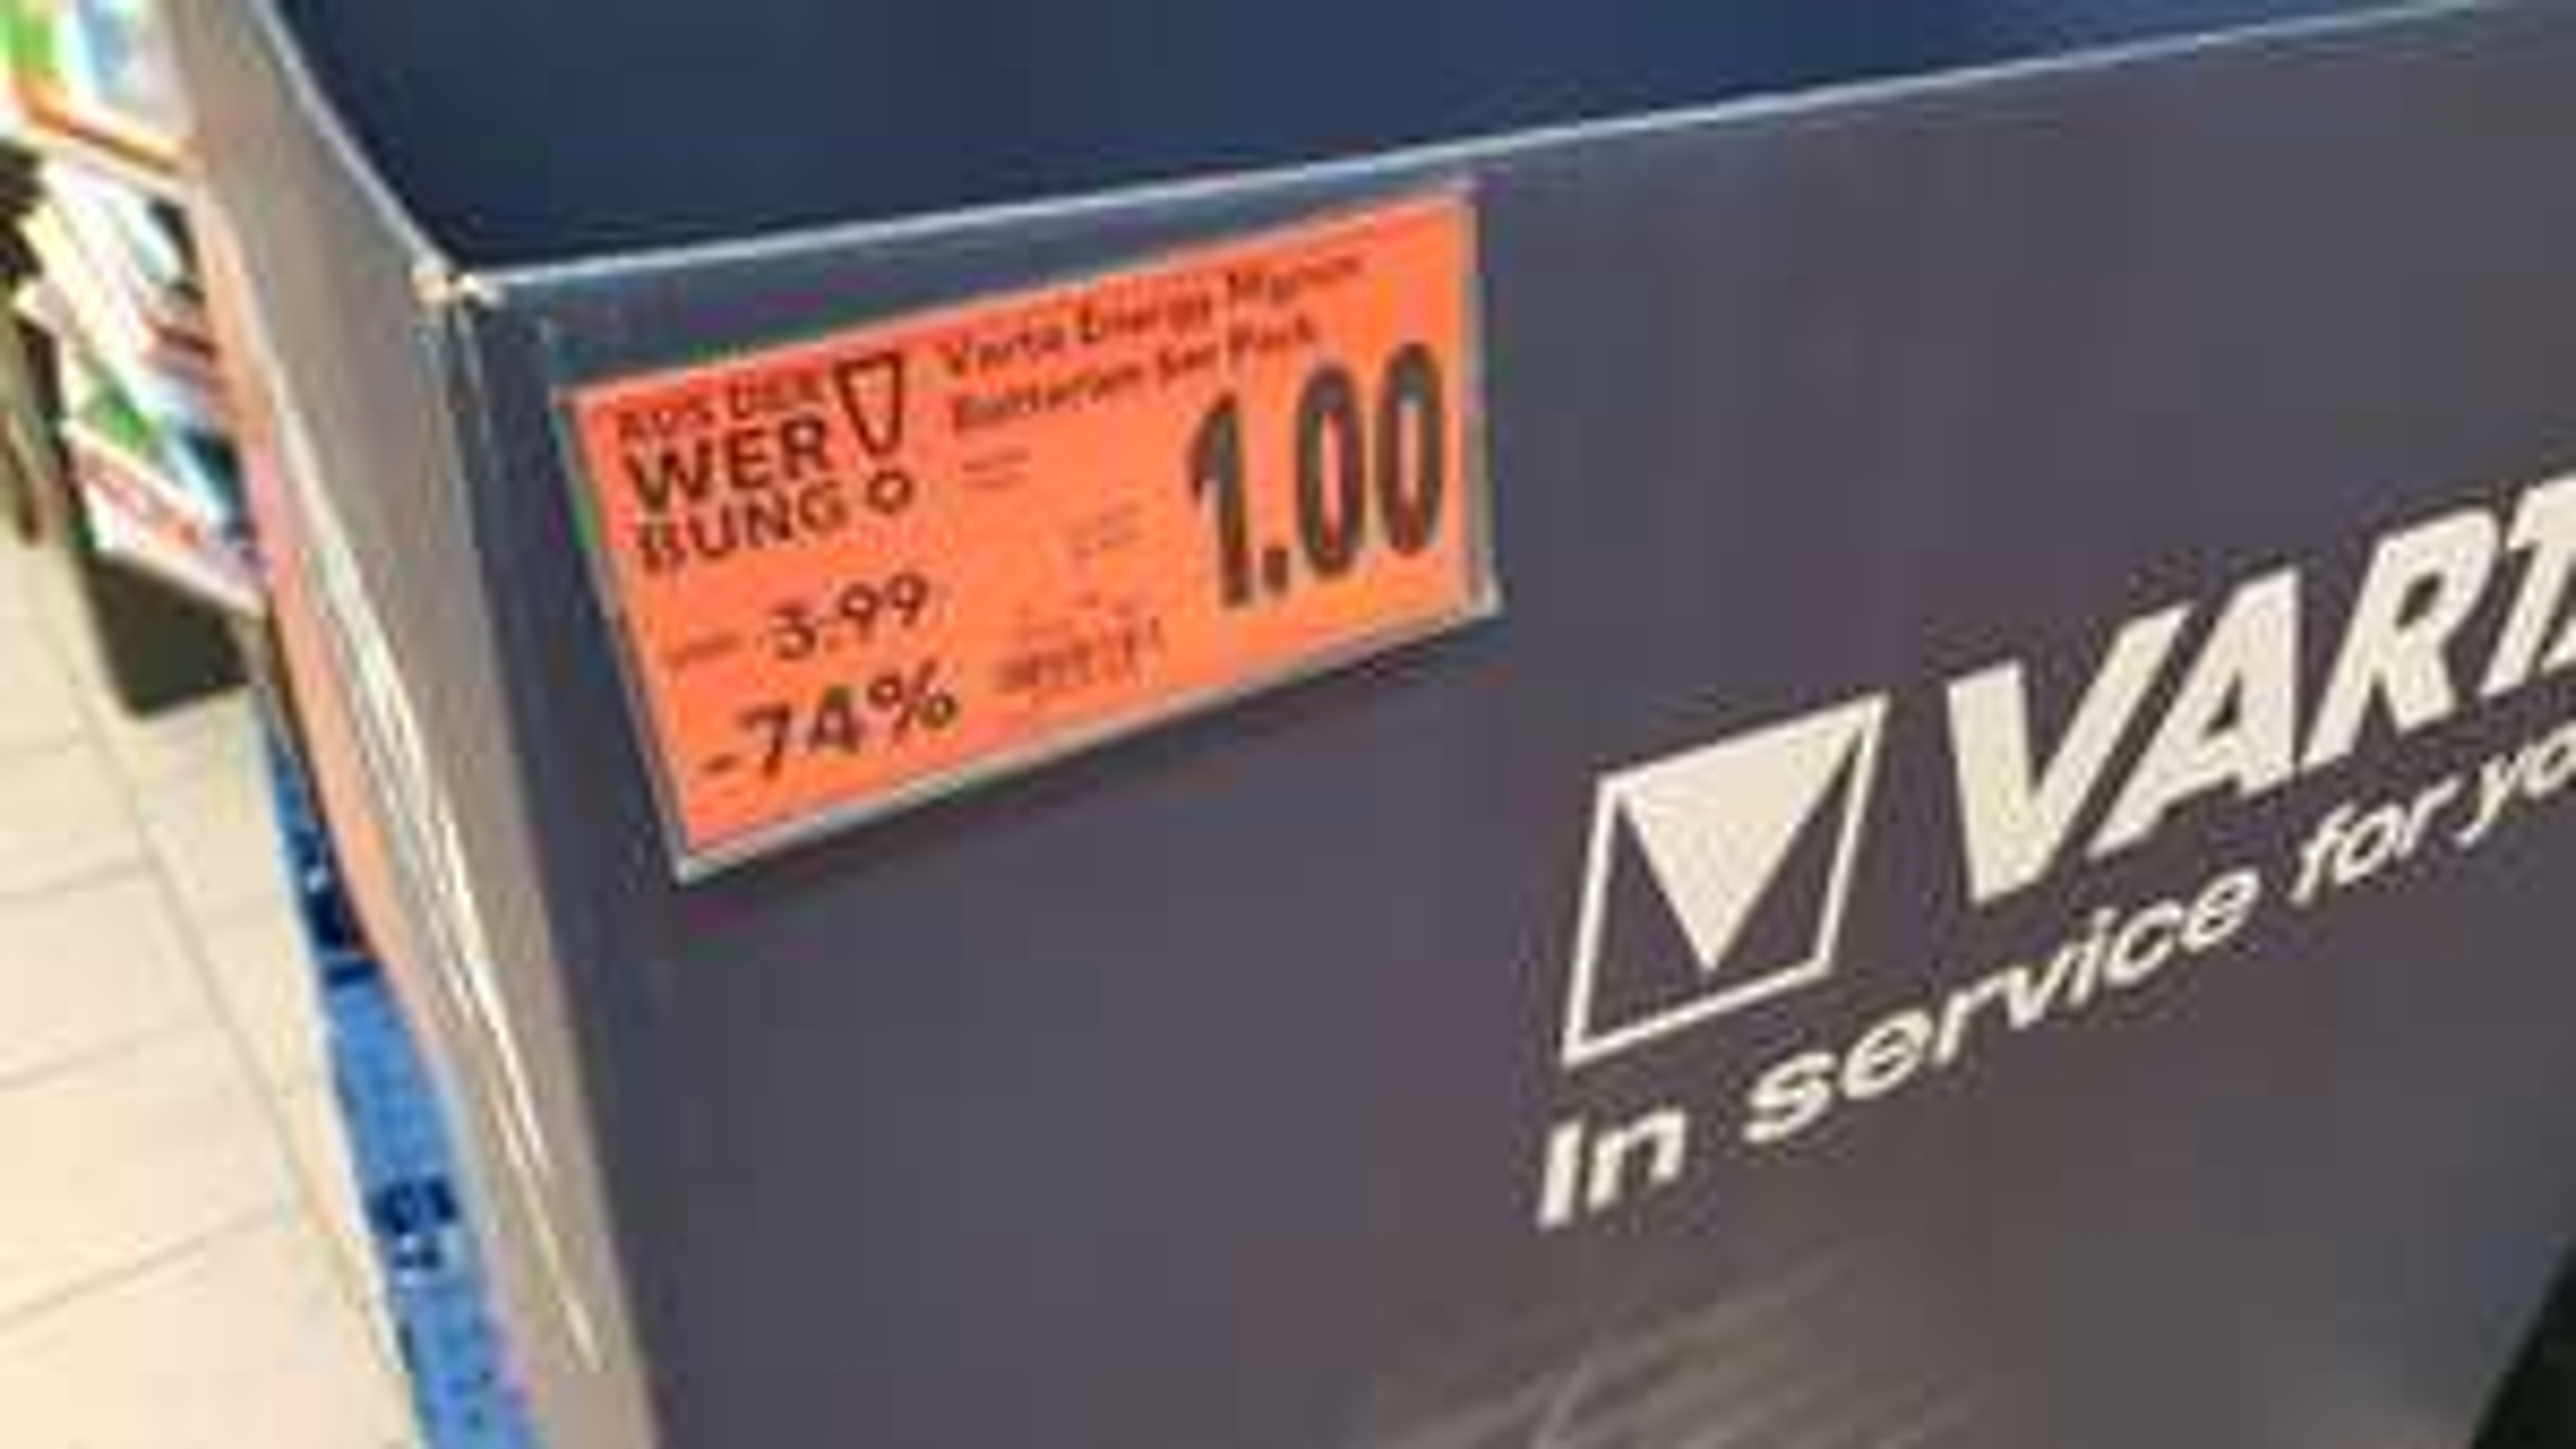 Varta Energy Mignon Batterien 6er Pack - Kaufland Hannover [Lokal]